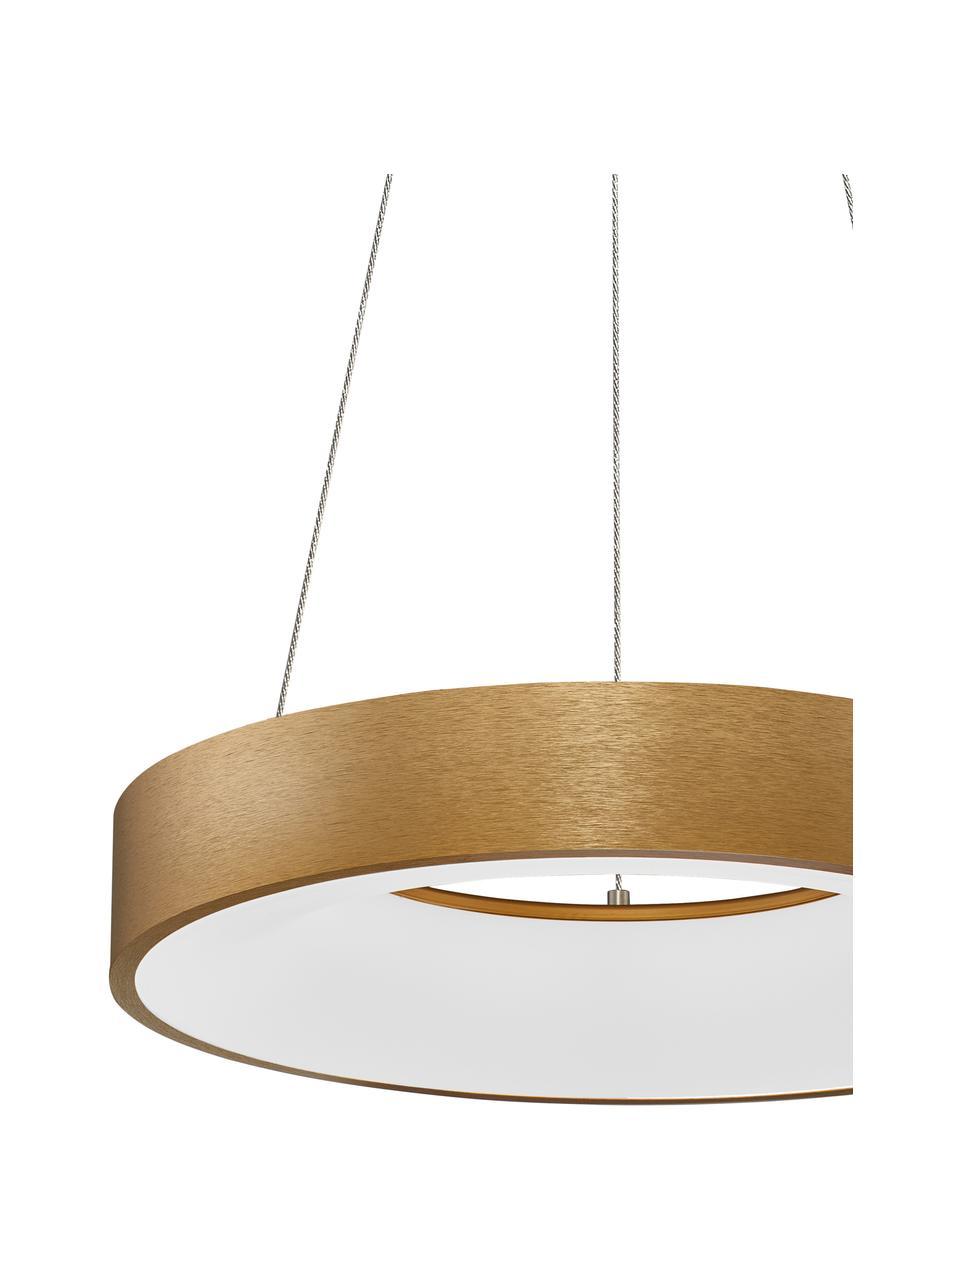 Dimmbare LED-Pendelleuchte Rando in Gold, Lampenschirm: Aluminium, beschichtet, Baldachin: Aluminium, beschichtet, Goldfarben, Ø 60 x H 6 cm